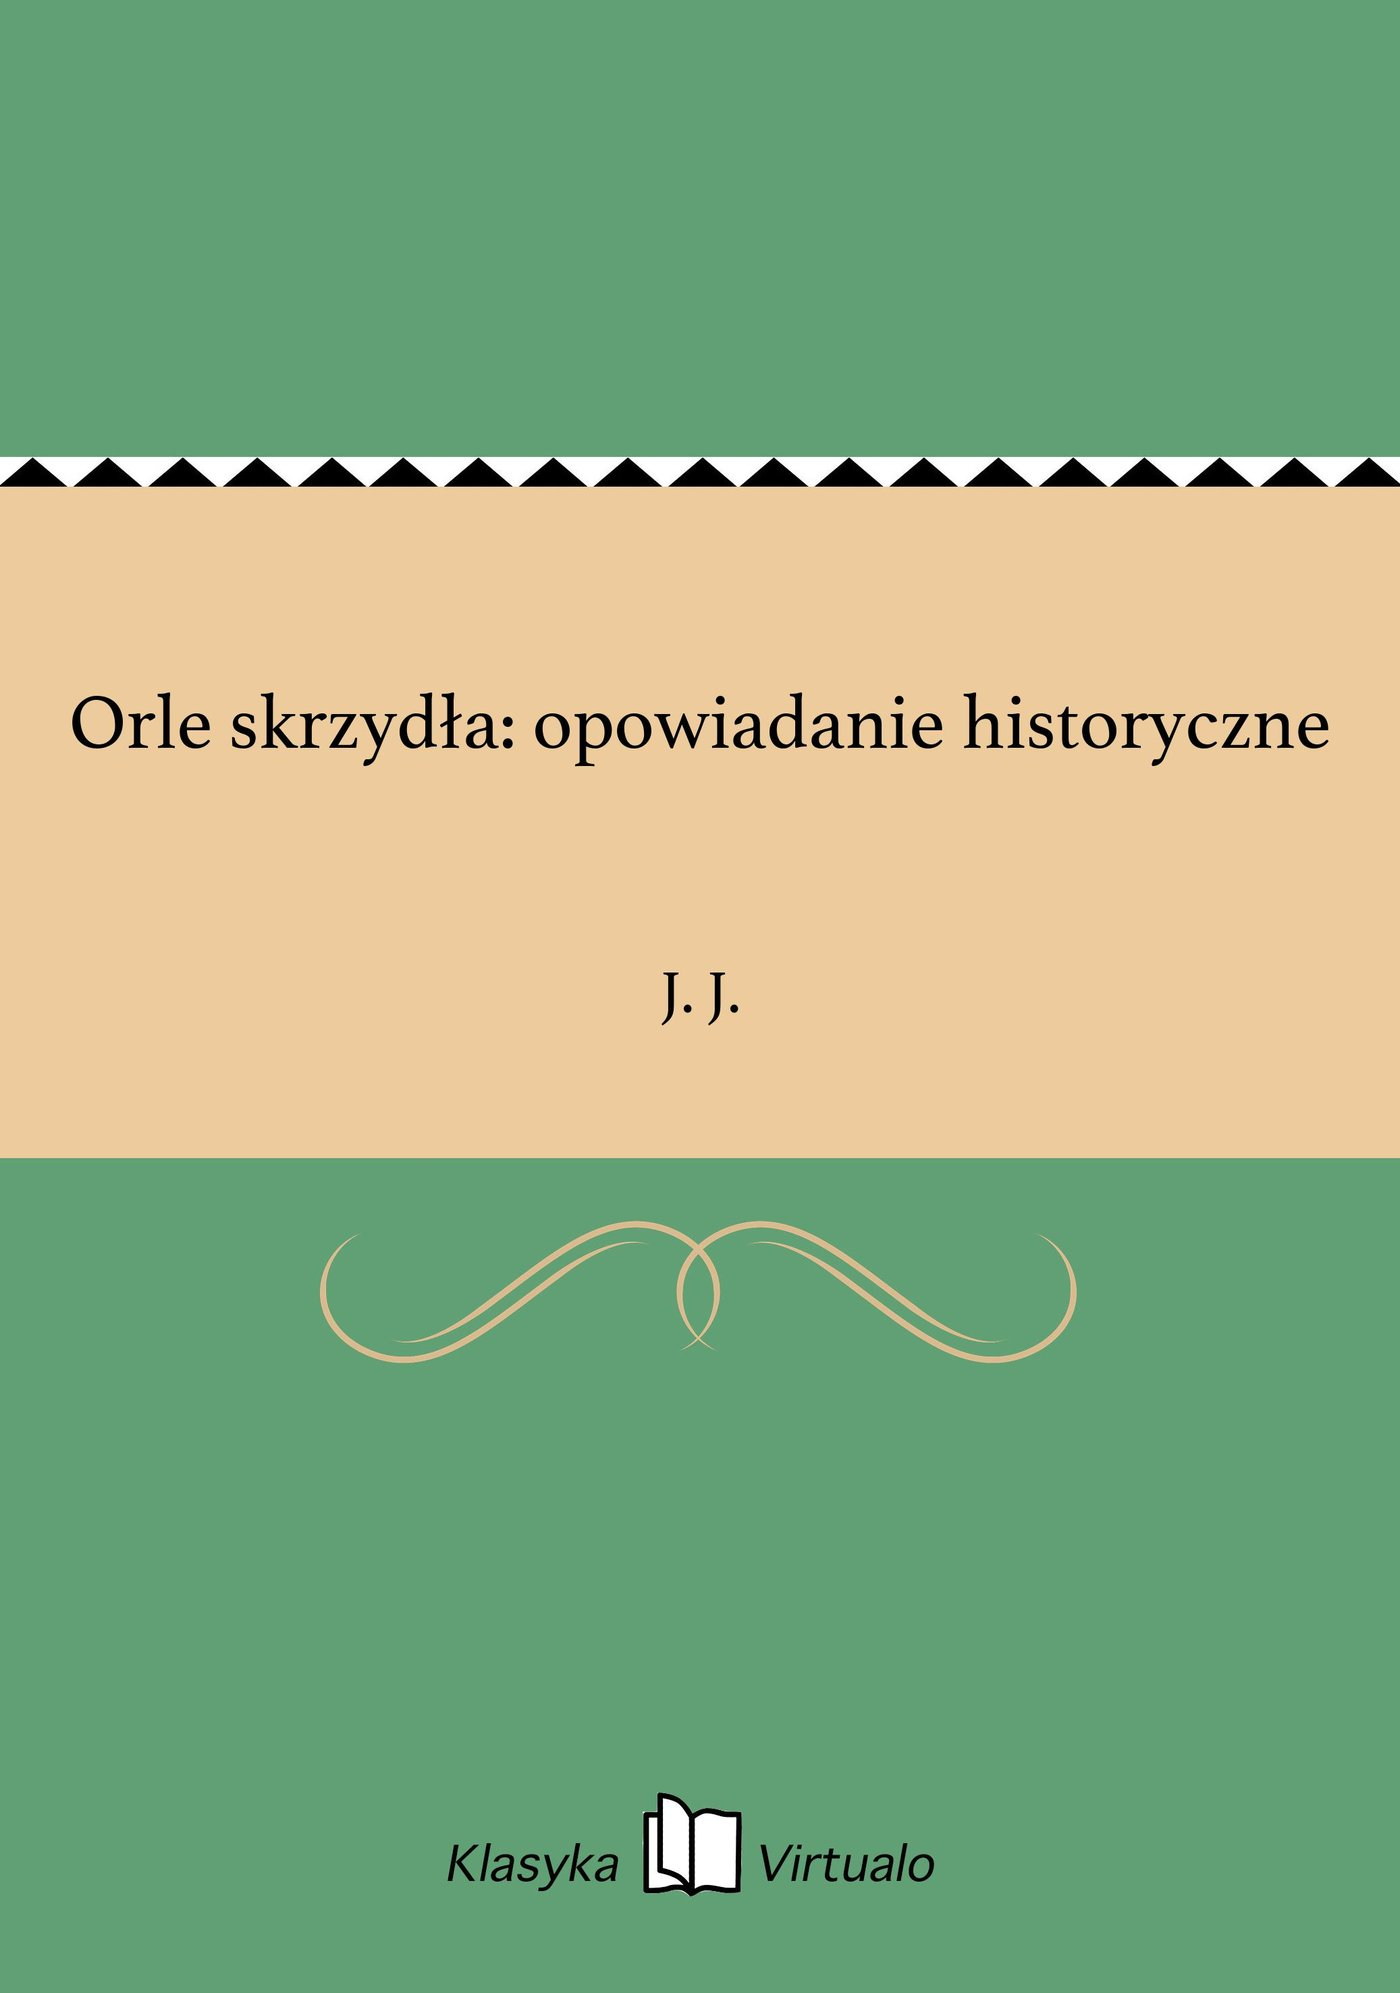 Orle skrzydła: opowiadanie historyczne - Ebook (Książka EPUB) do pobrania w formacie EPUB